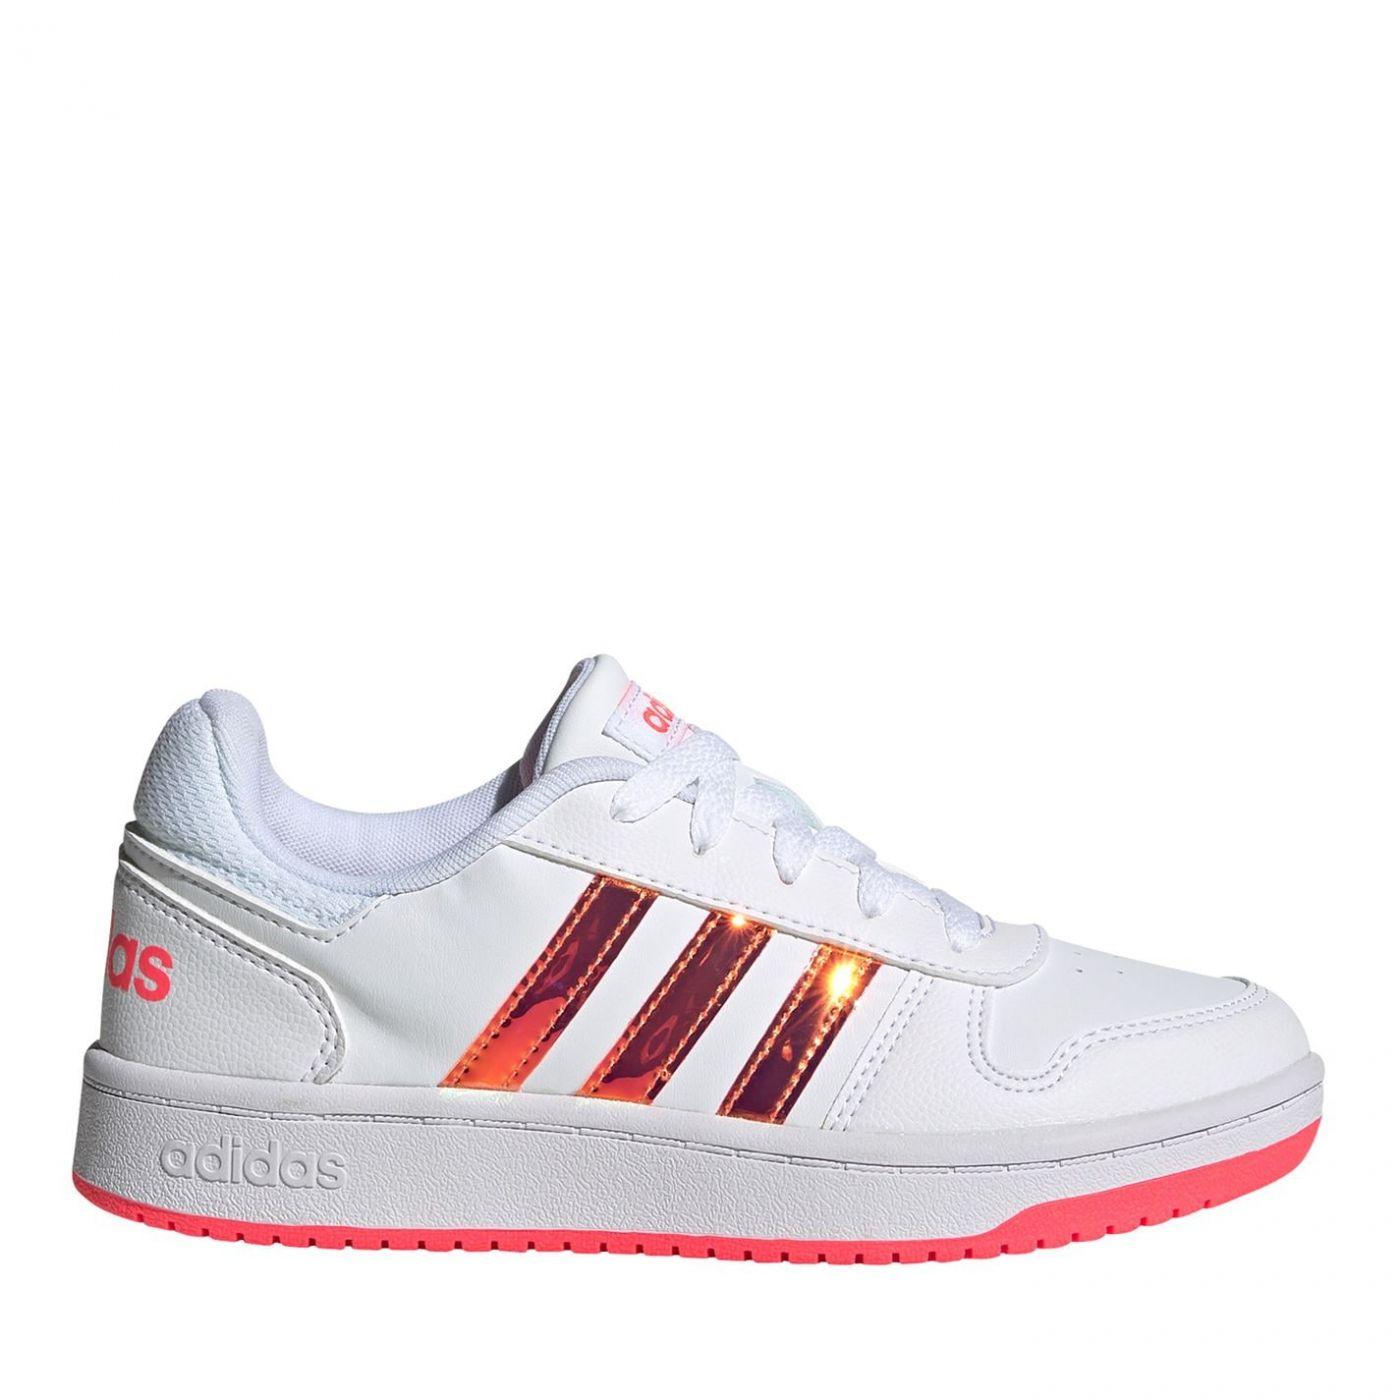 Adidas Hoops Lthr JnGL04